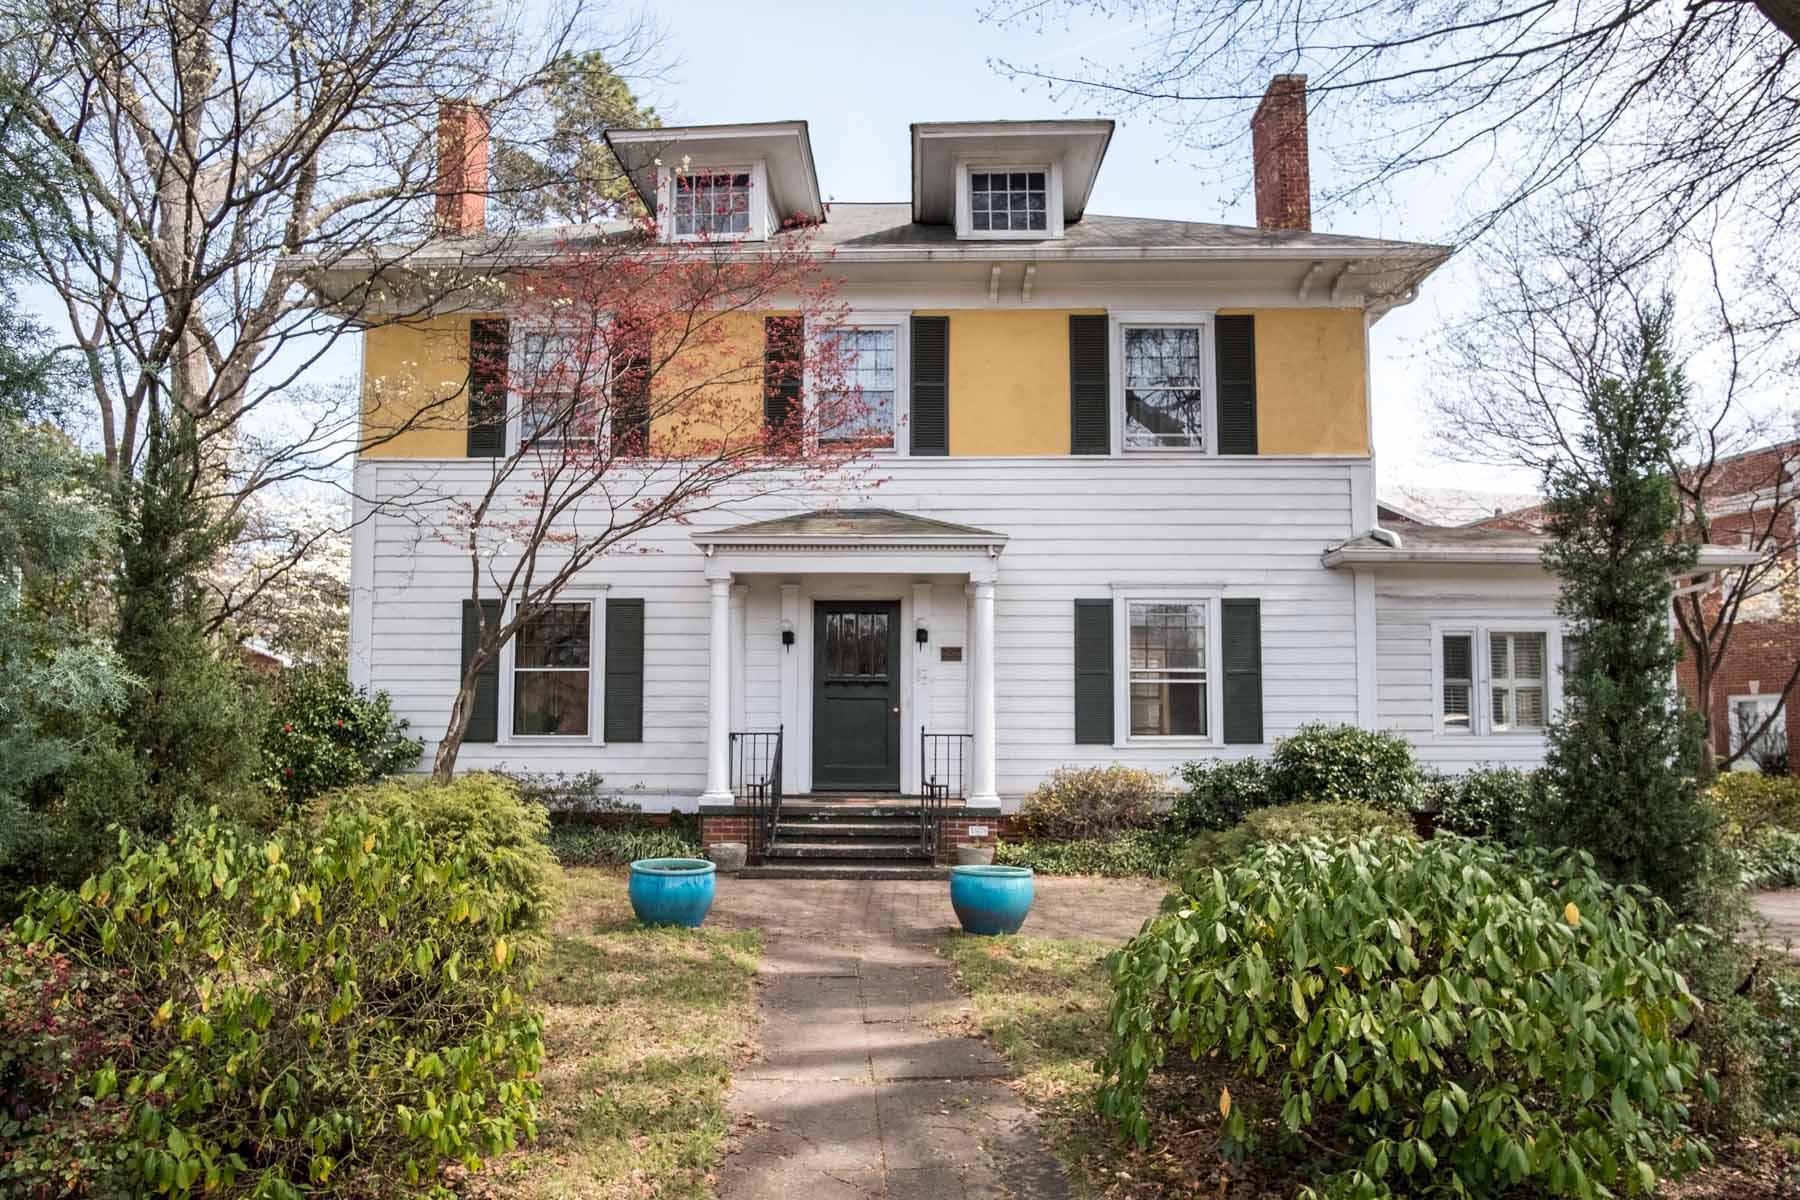 Vivienda unifamiliar por un Venta en Rare Find - 1916 Colonial Craftsman in Historic College Park 3578 E Main Street College Park, Georgia, 30337 Estados Unidos